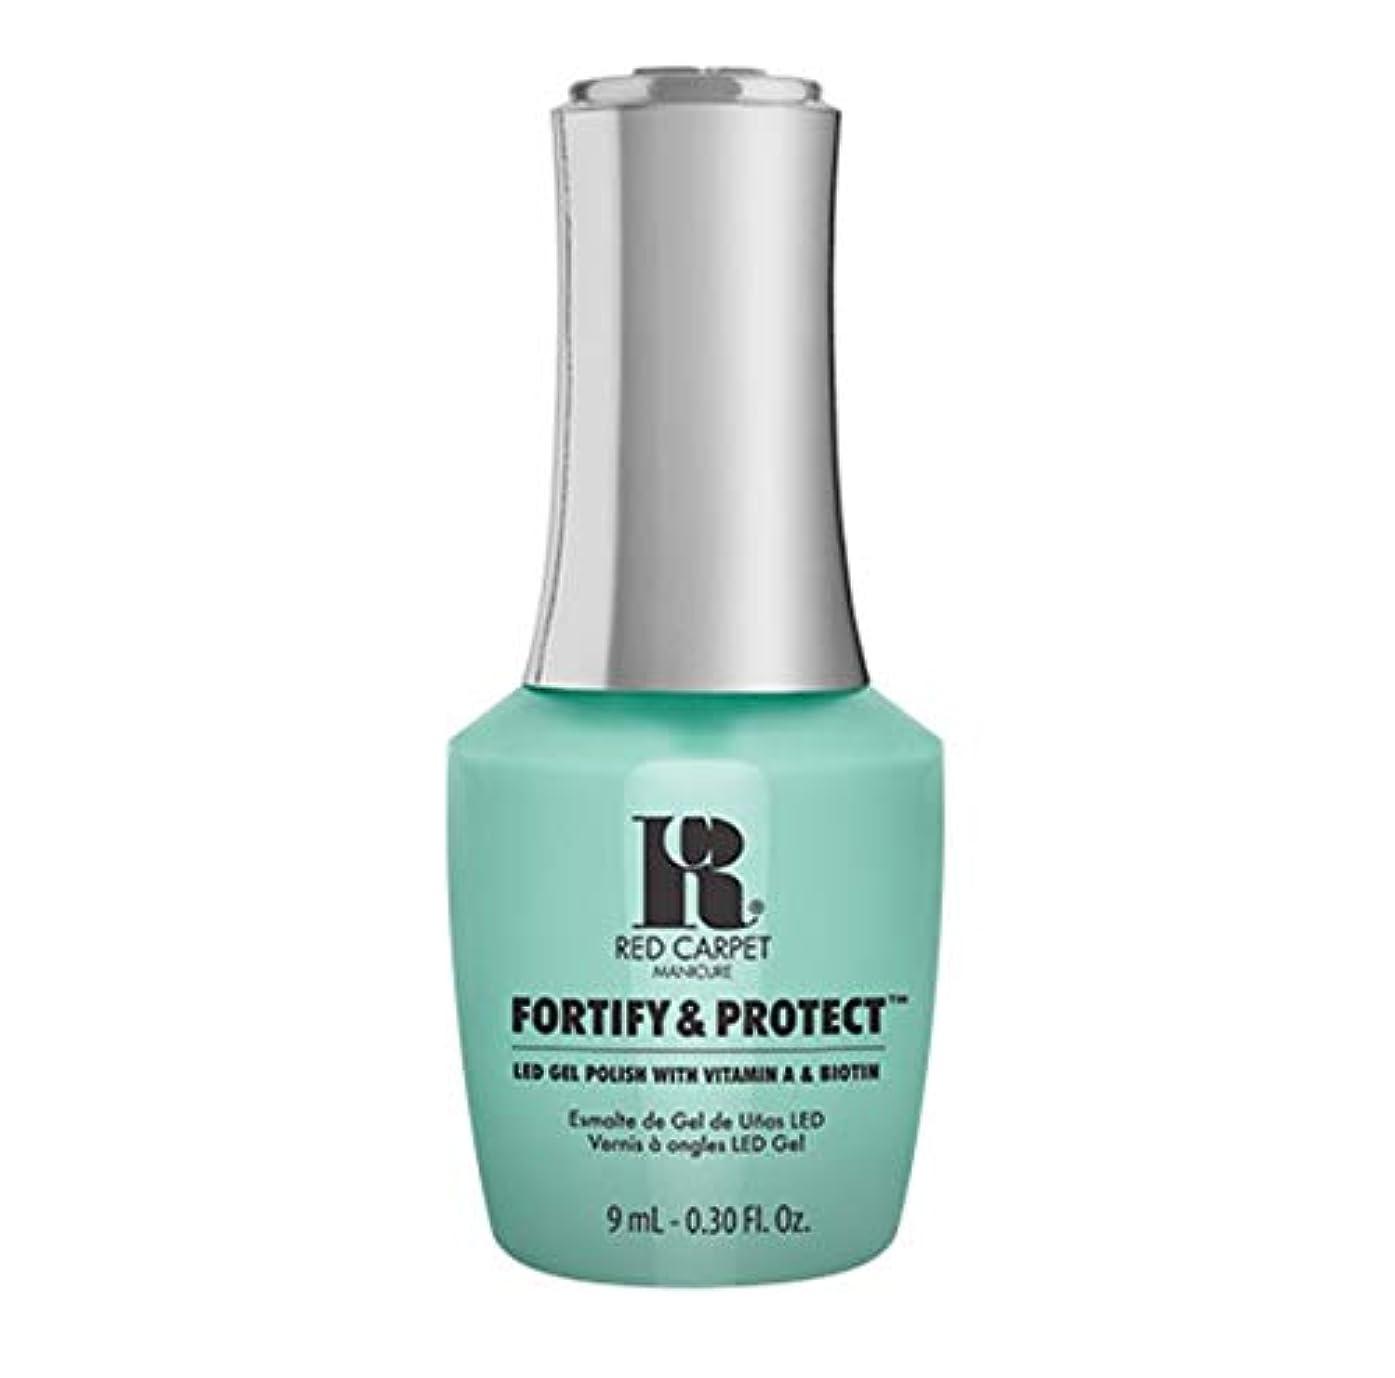 過剰忠実なエイリアスRed Carpet Manicure - Fortify & Protect - Front And Center - 9ml / 0.30oz